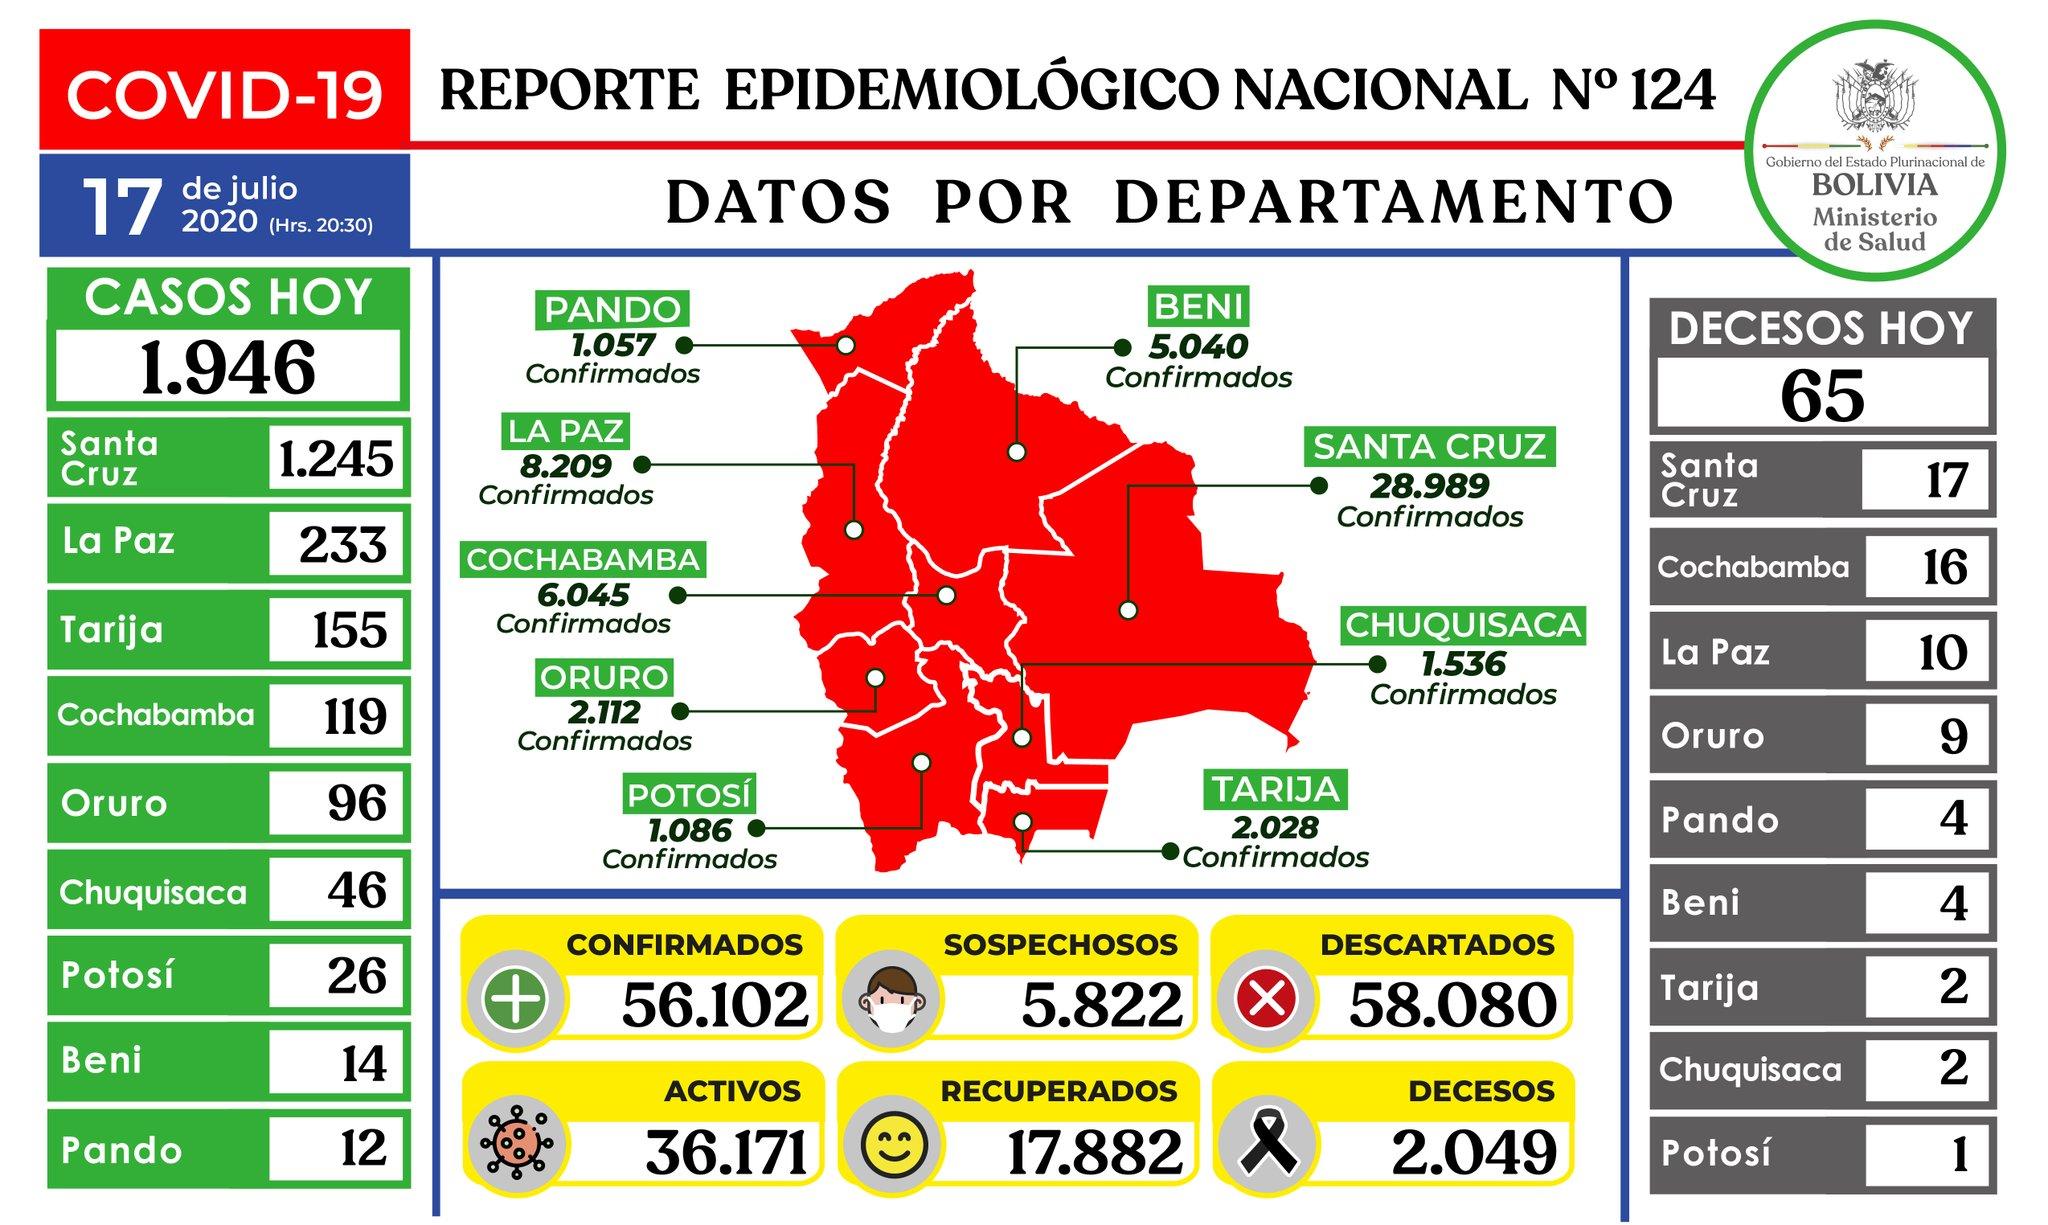 Tasa de letalidad diaria del coronavirus en Bolivia es de 4.2%